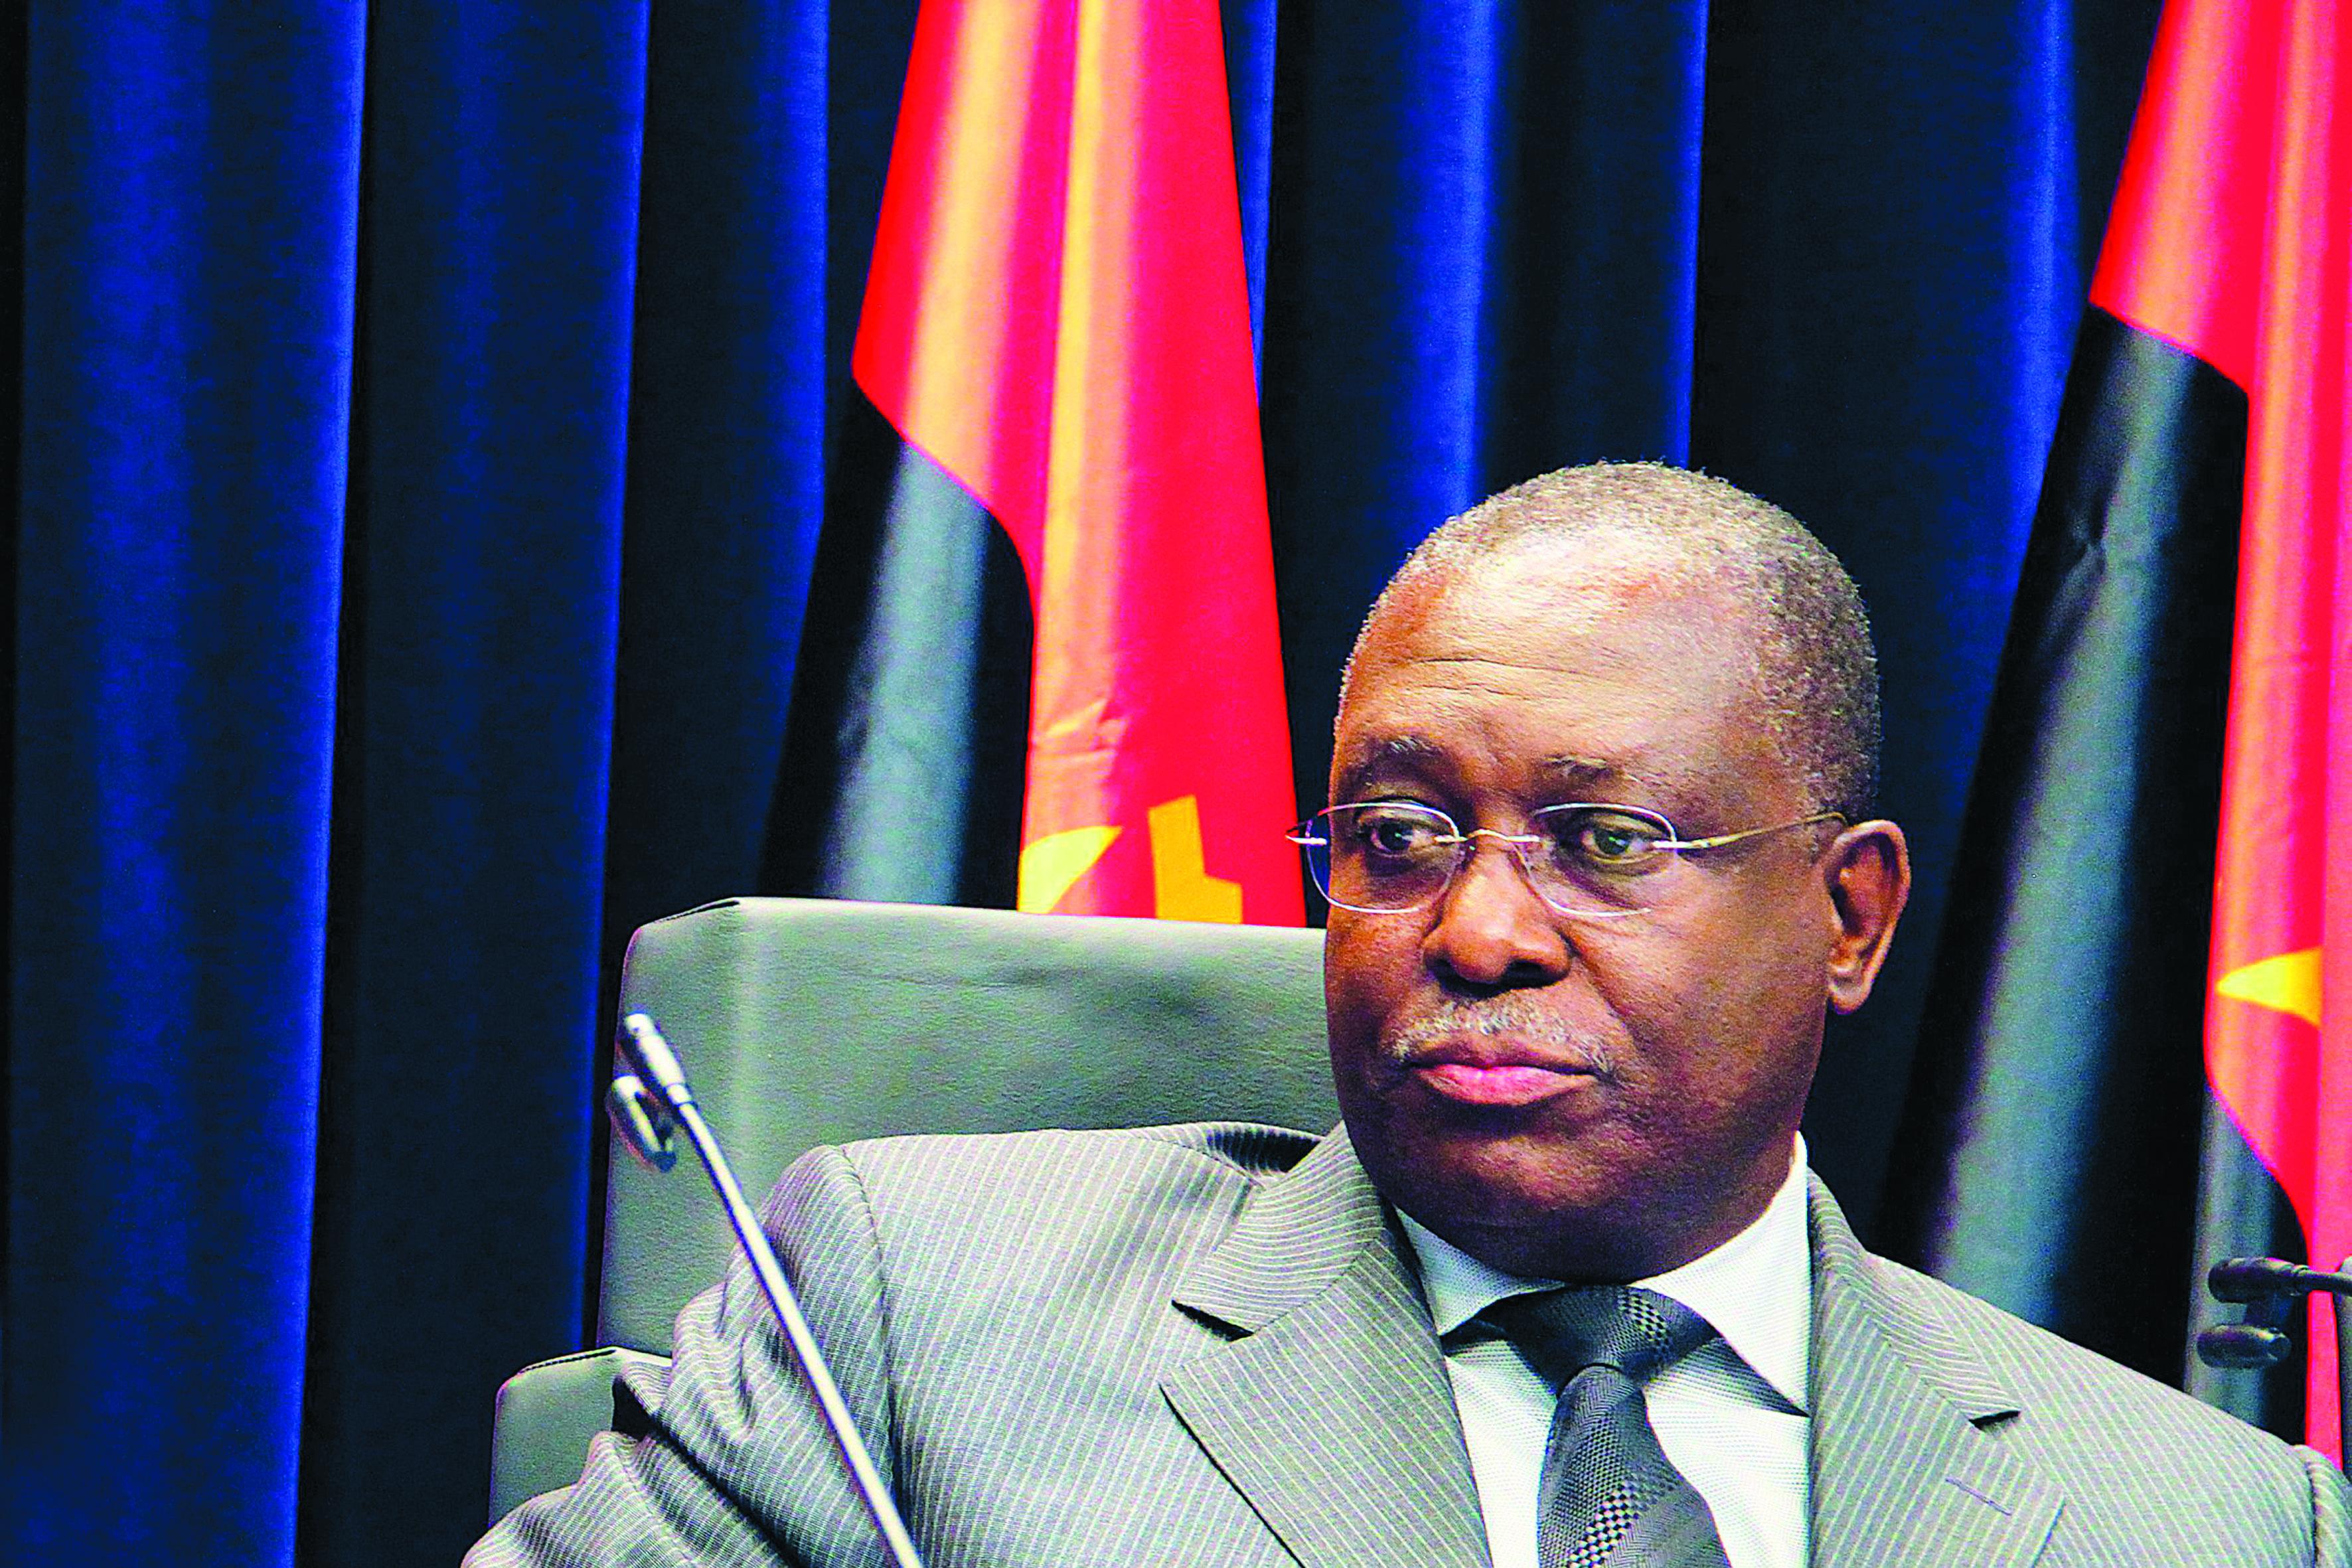 Presidente de Angola espera que Eduardo dos Santos saia em 2018